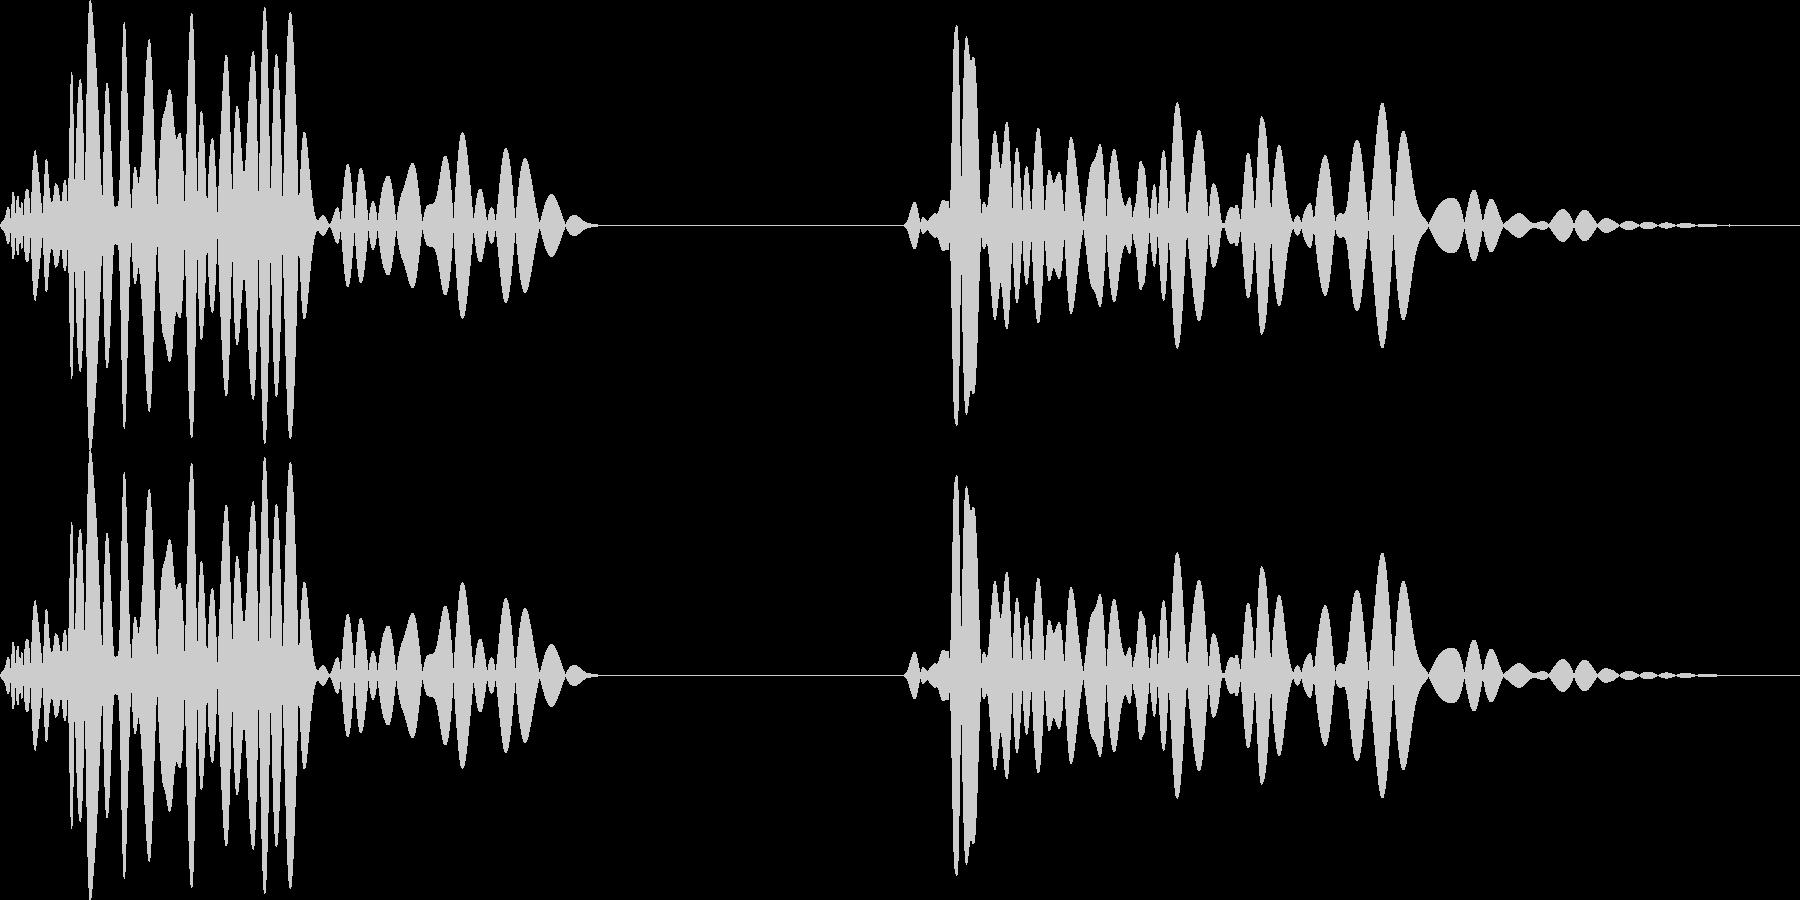 ドックン(鼓動音 緊張感)の未再生の波形